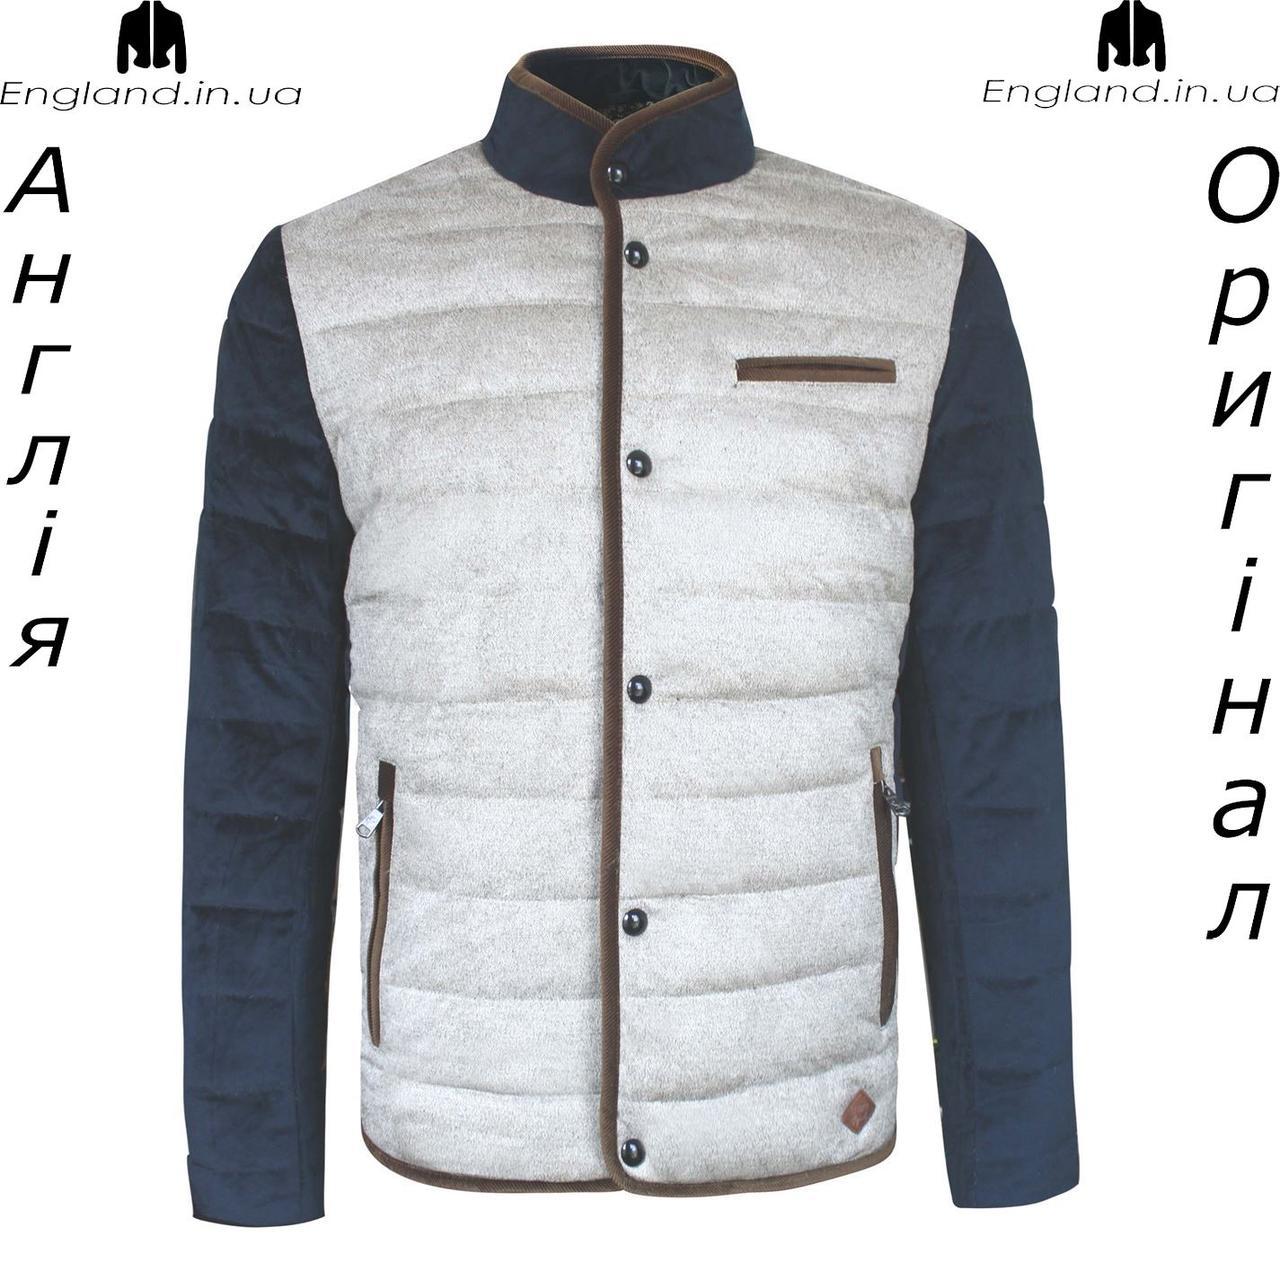 Размер М (наш 48й, но маломерит до 46го) - Куртка мужская пуховик Lee Cooper из Англии - осень/весна